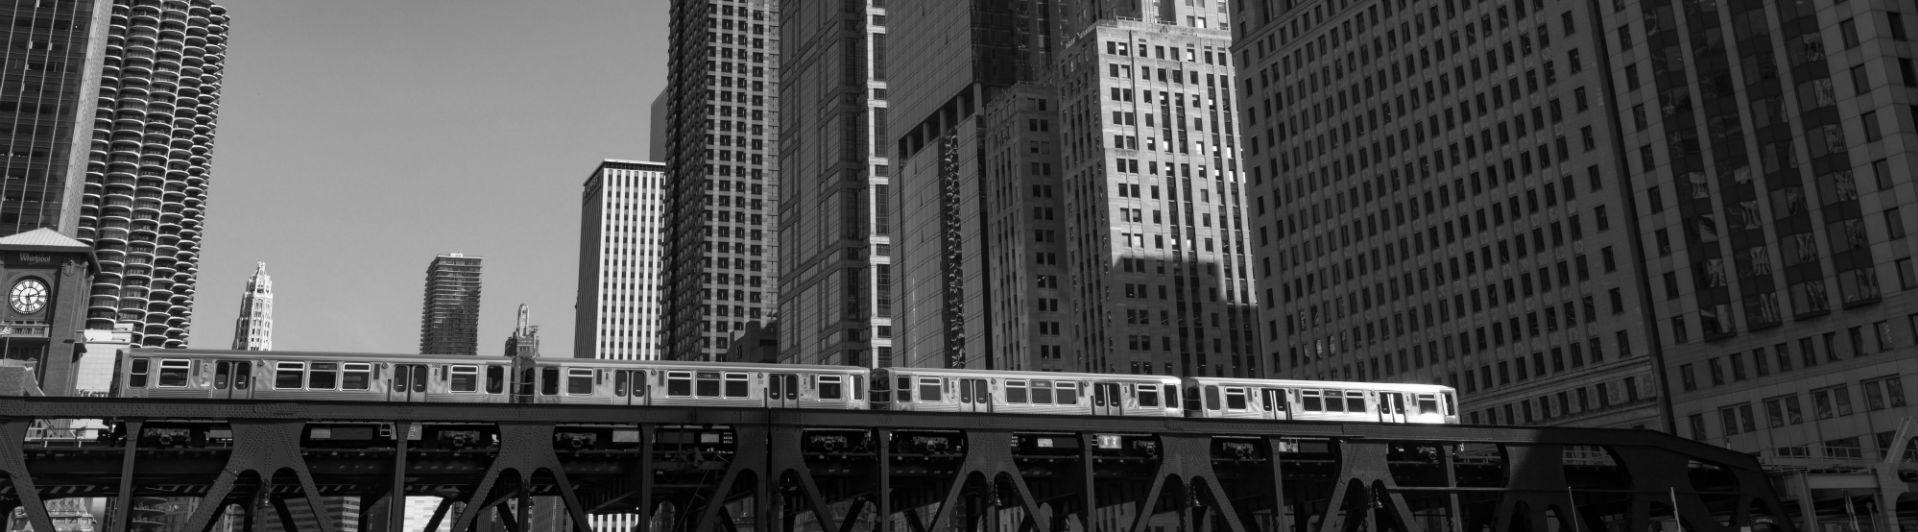 Chicago CTA L line